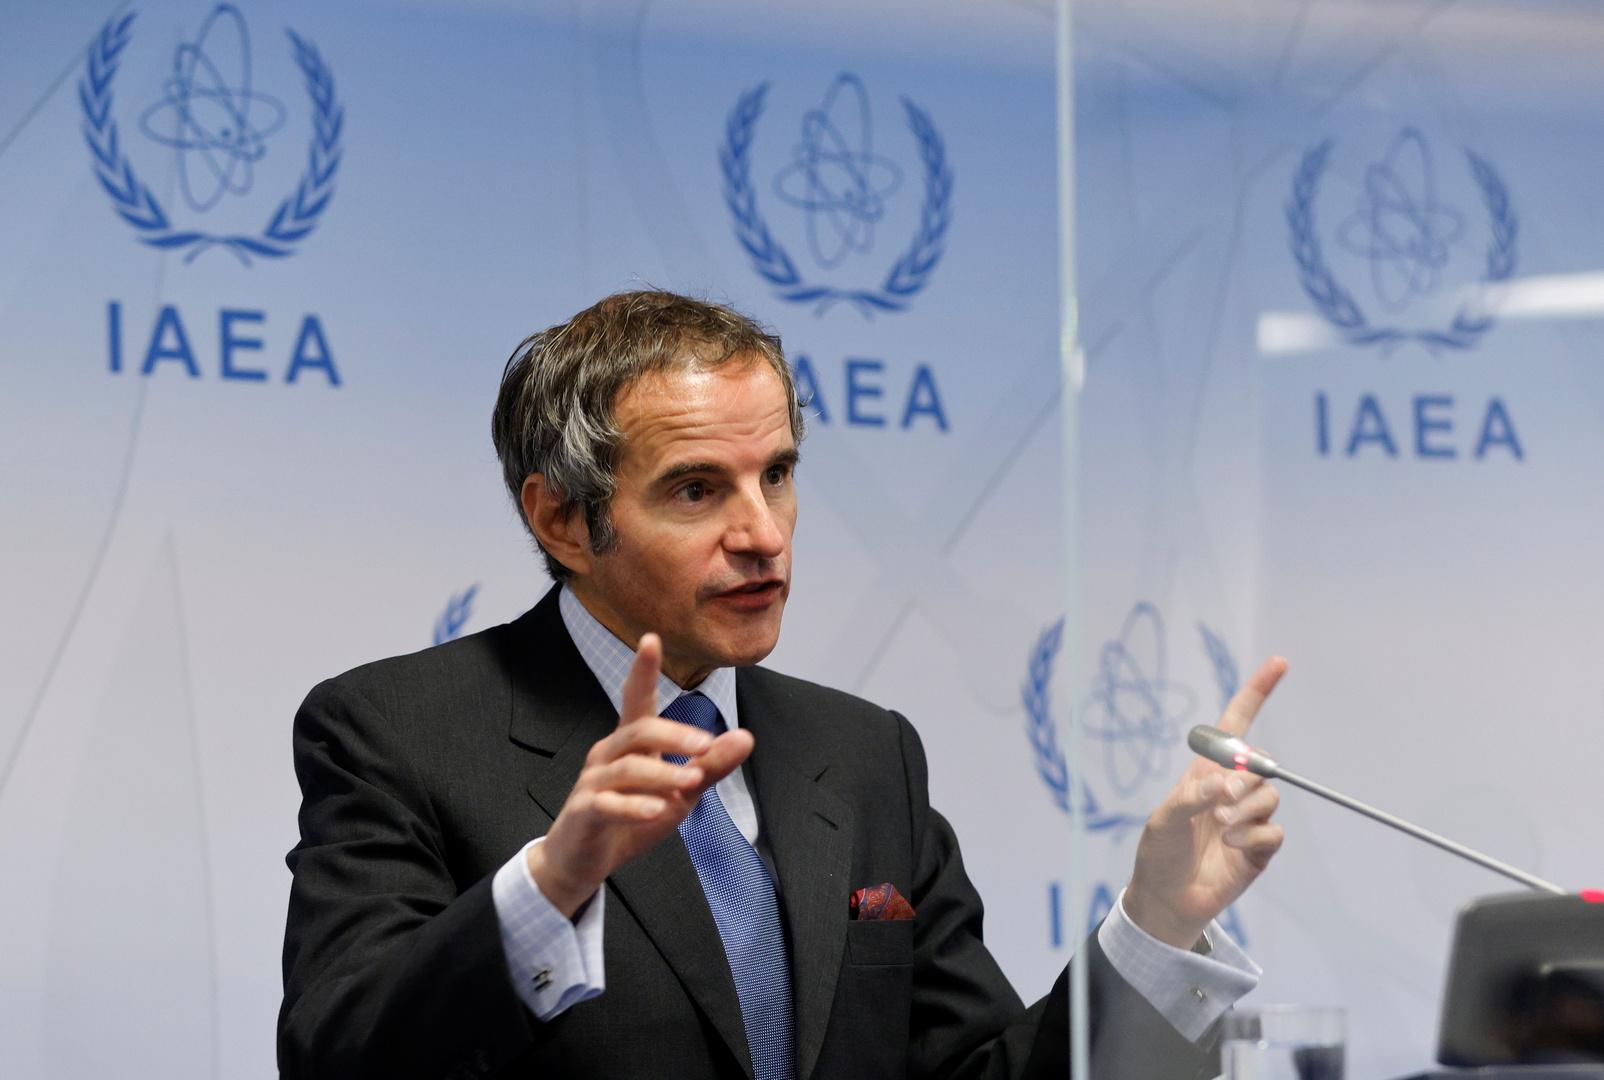 الوكالة الدولية للطاقة الذرية: مساعي إحياء الاتفاق النووي مع إيران يجب أن تنتظر تشكيل حكومة جديدة